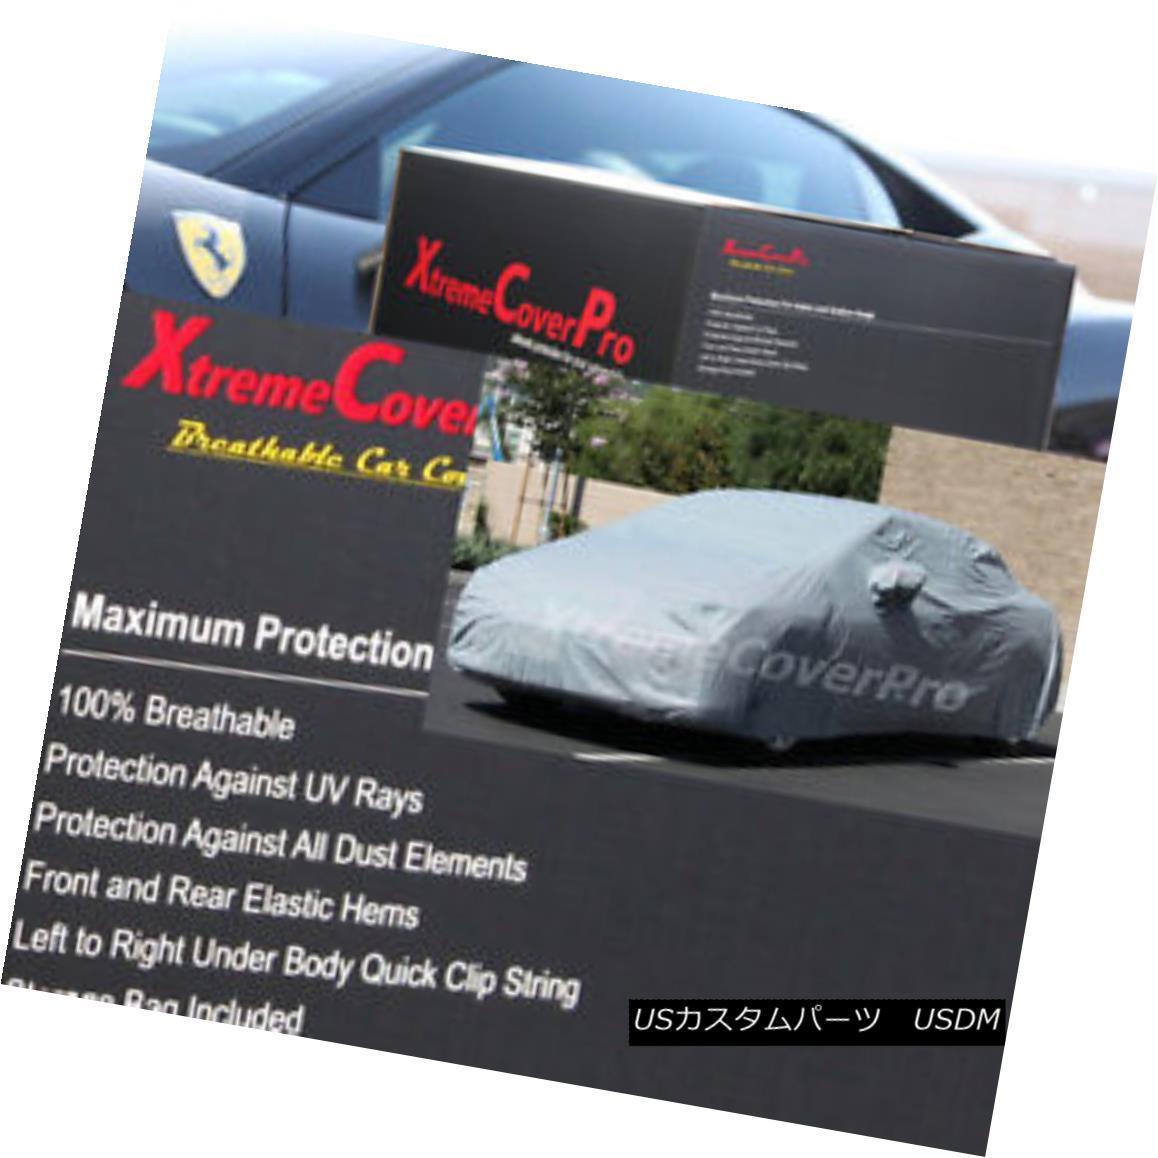 カーカバー 2015 2016 2017 MASERATI GRANTURISMO Breathable Car Cover w/Mirror Pockets - Gray 2015 2016 2017 MASERATI GRANTURISMO通気性の車カバー付き/ミラーポケット - グレー